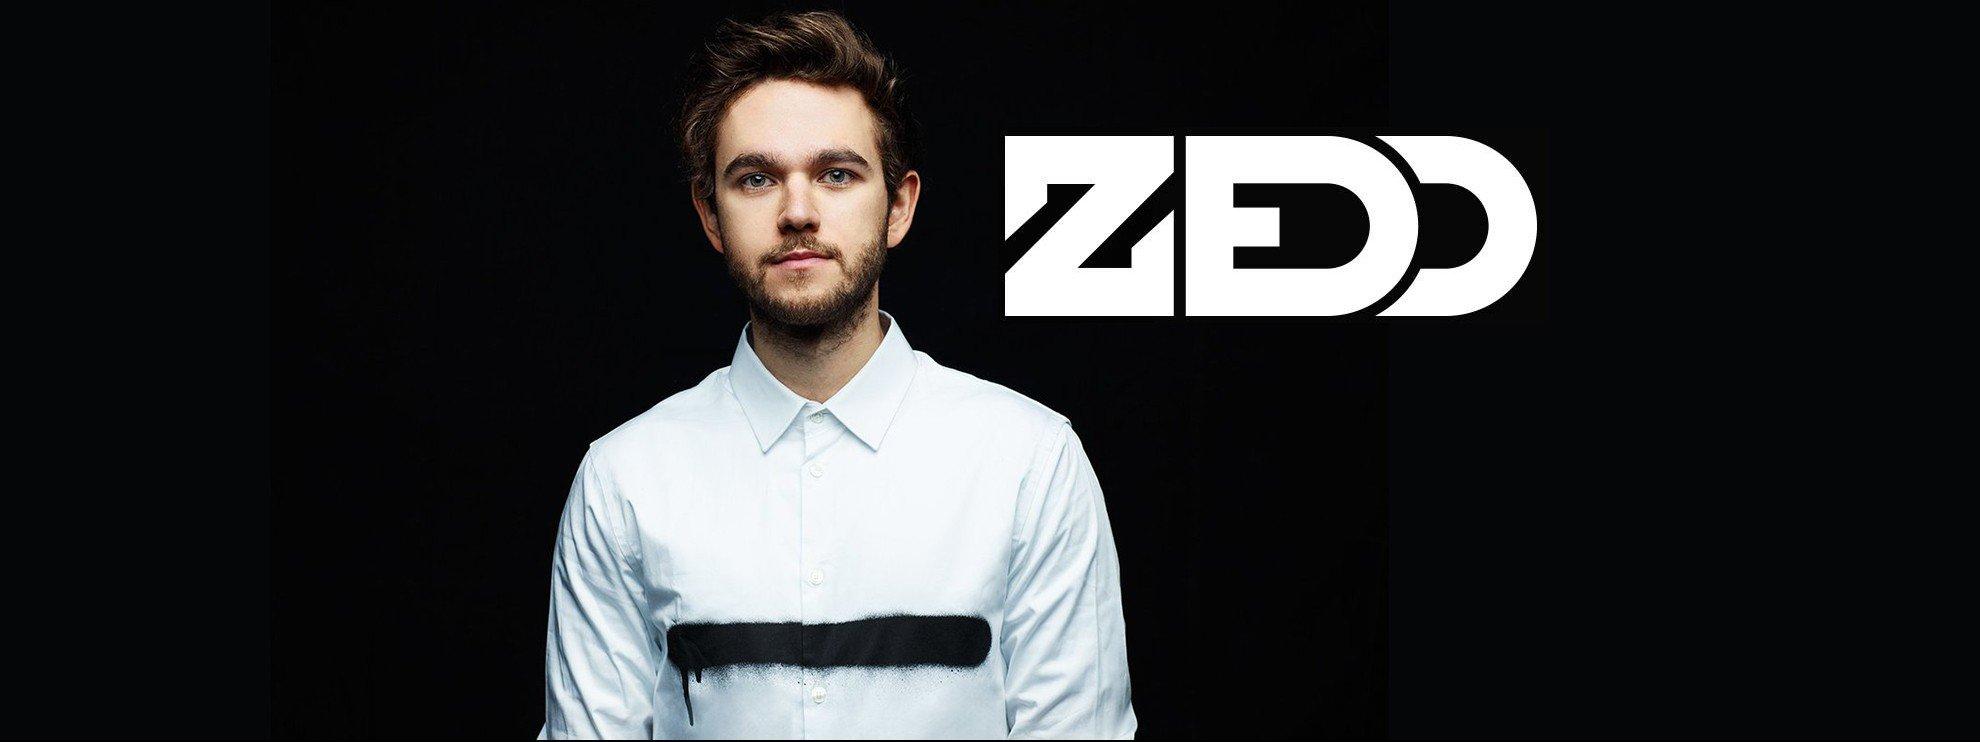 событие Zedd (Зедд)